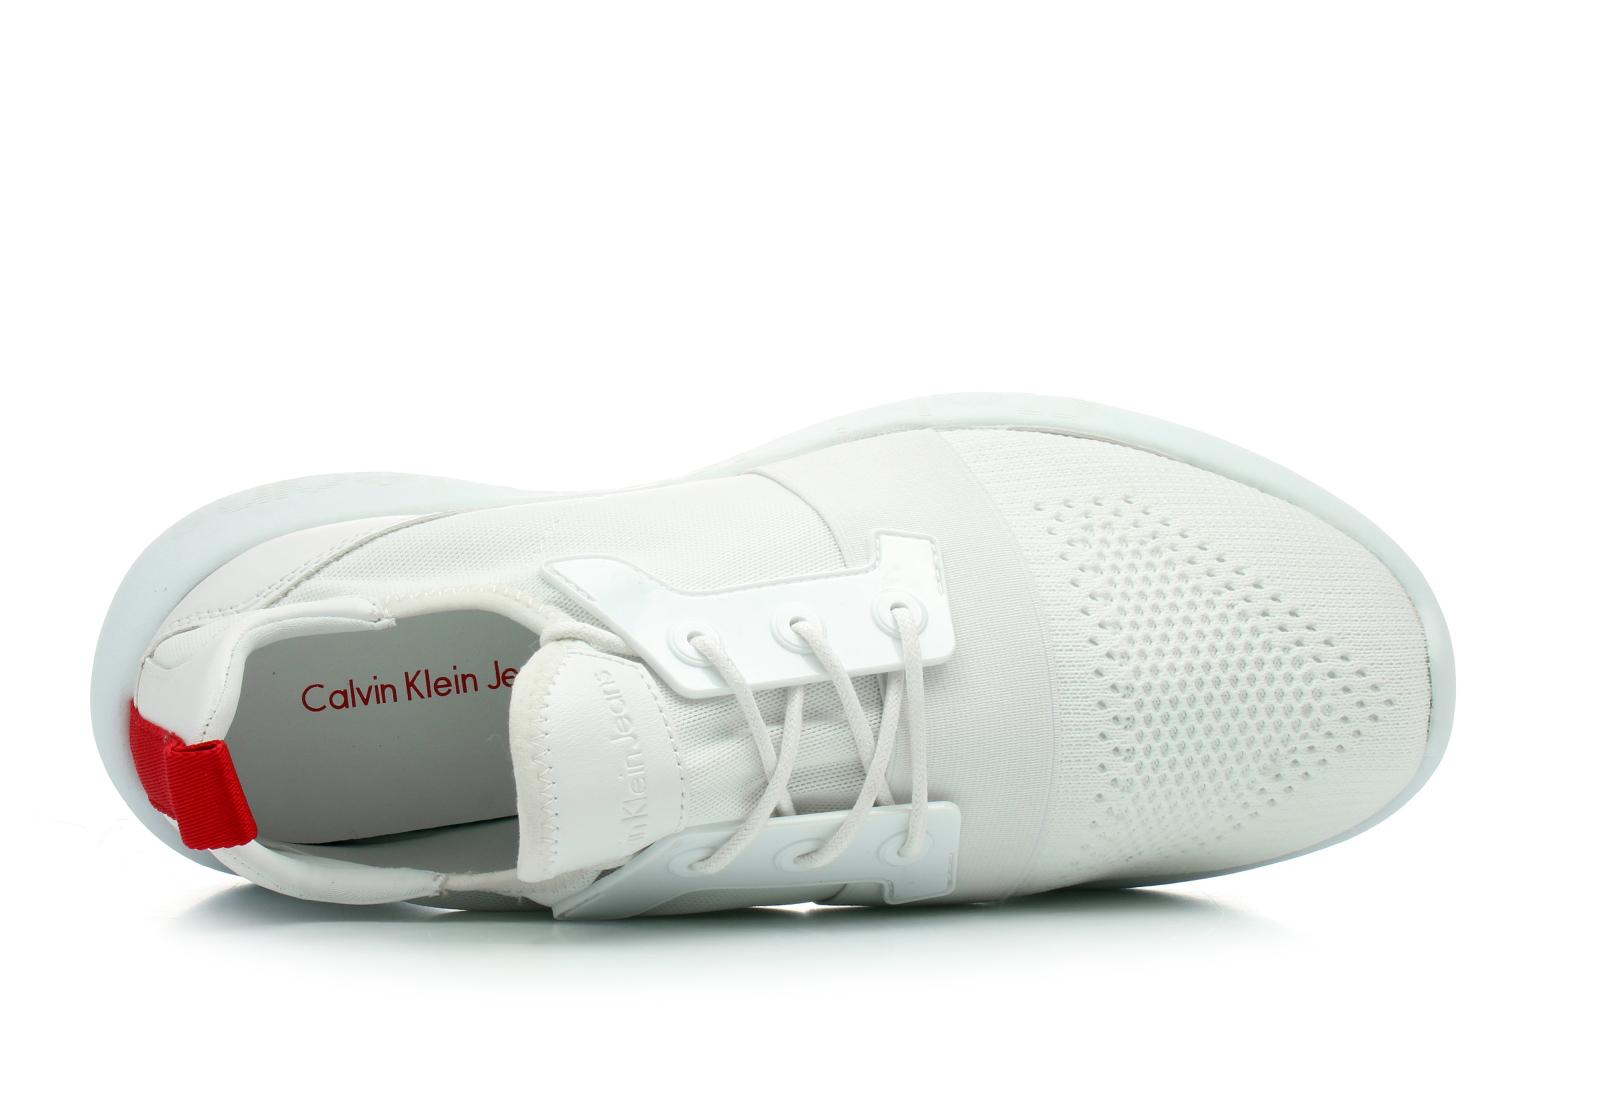 Calvin Klein Jeans Cipő - Mel - S0541-WHT - Office Shoes Magyarország d64abc5880